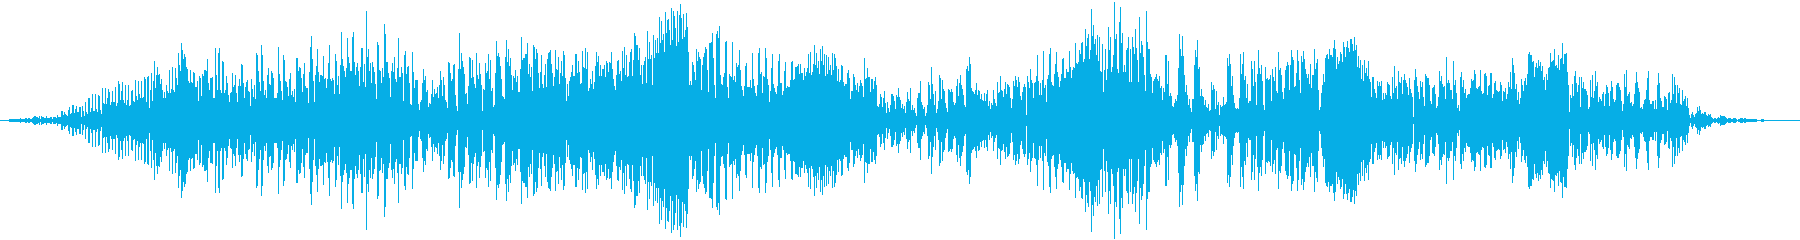 空腹でお腹がグウと鳴る音05の再生済みの波形